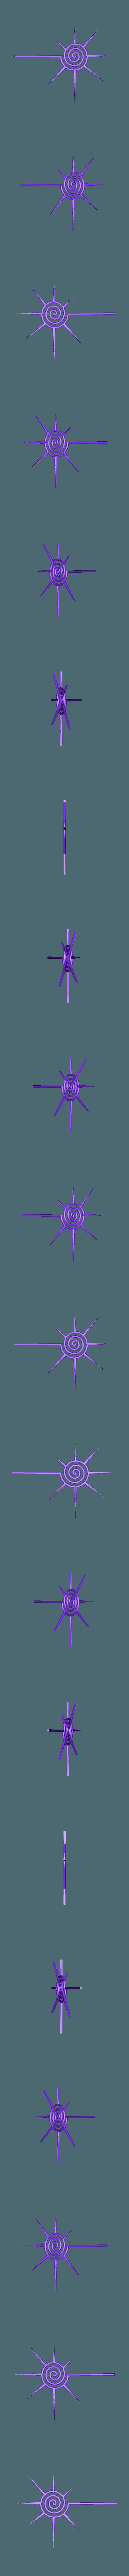 stab.STL Download free STL file stab • 3D printer design, syzguru11